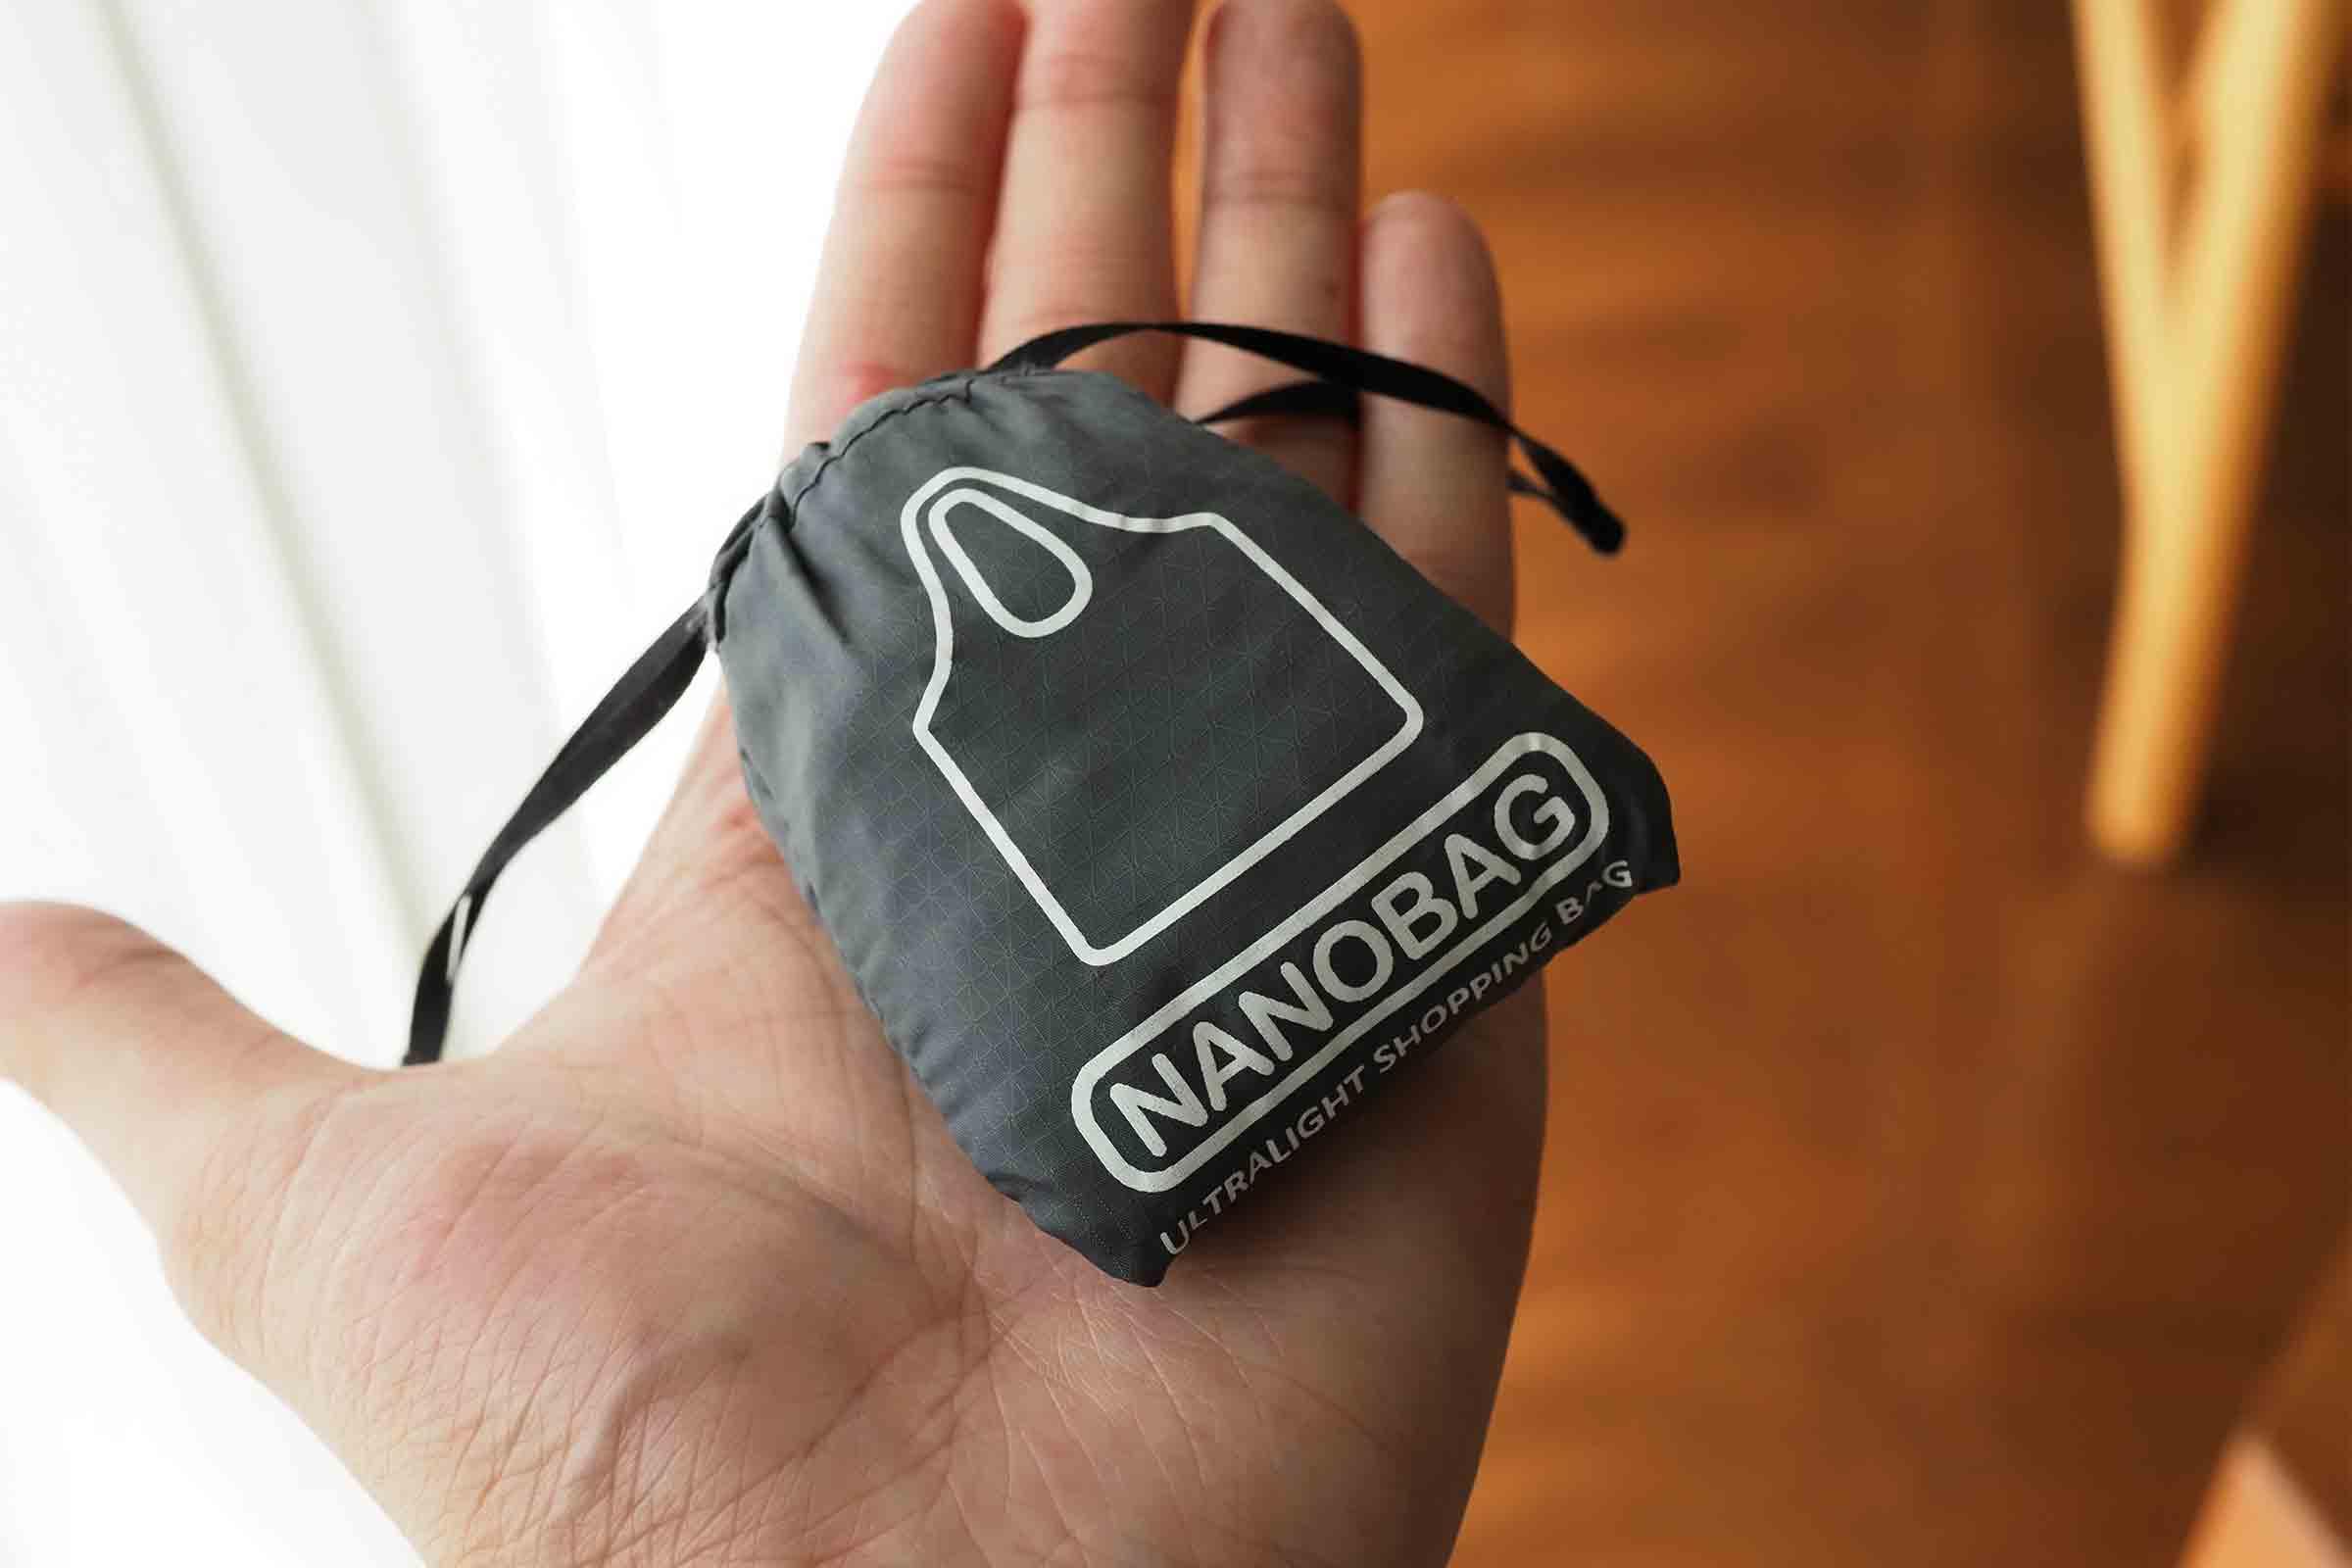 エコバッグ,nano bag,小さい,コンパクト,軽い,お洒落,ミニマル